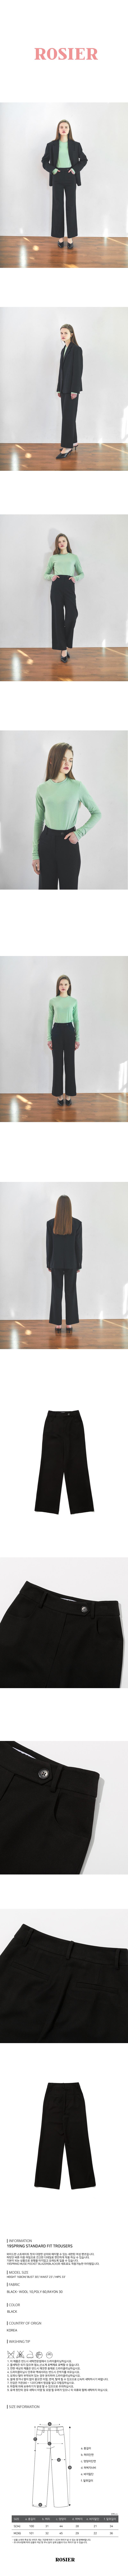 로지에(ROSIER) 19spring standard fit trousers black